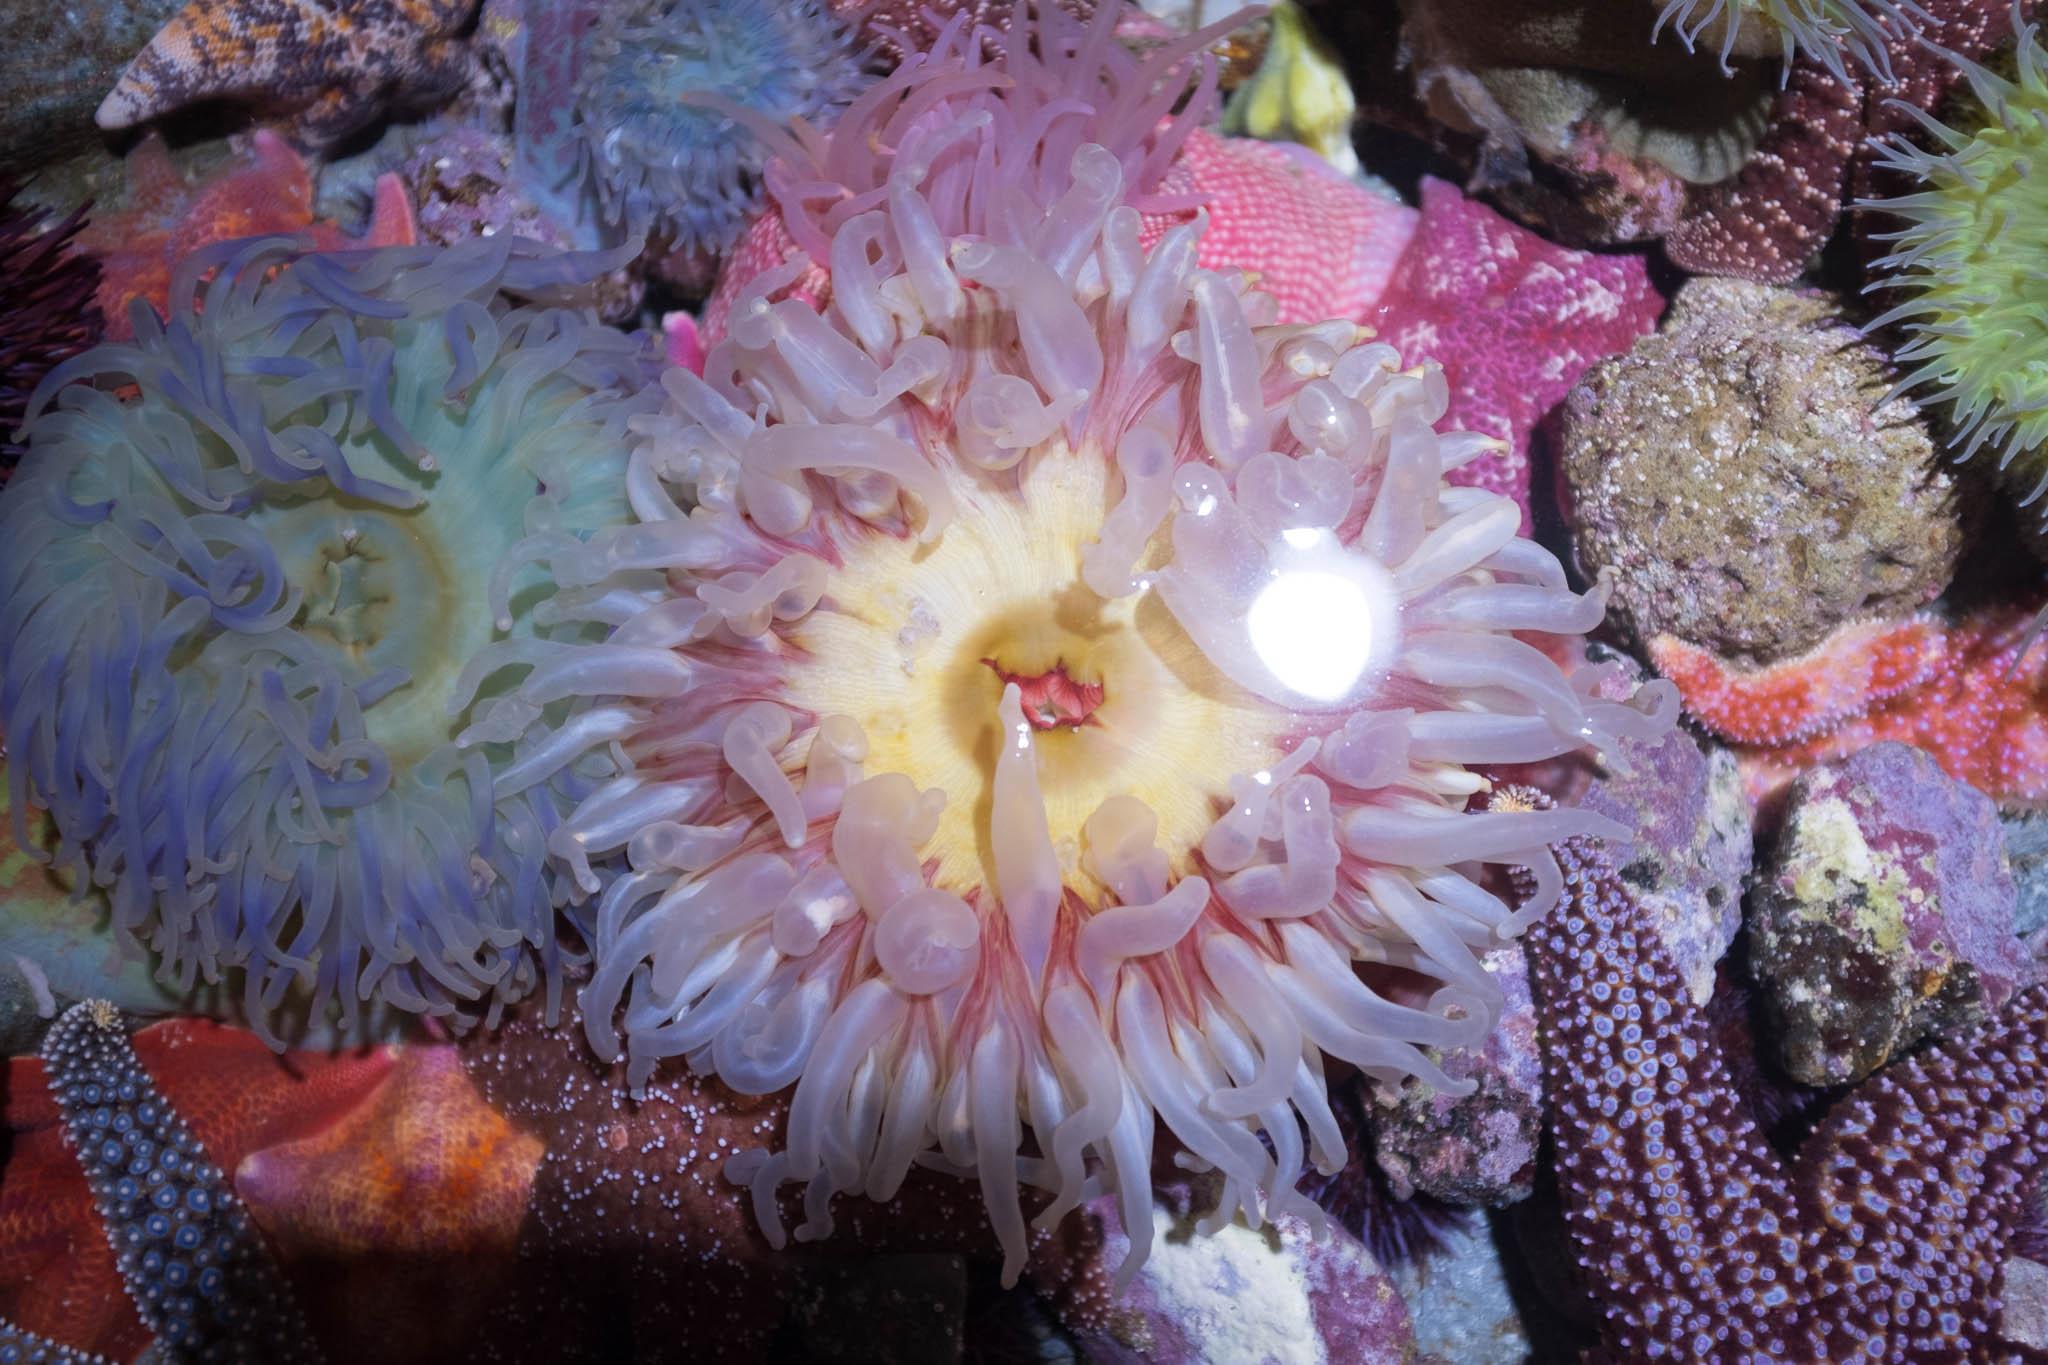 Aquarium of the Pacific-3-30-16-1246.jpg